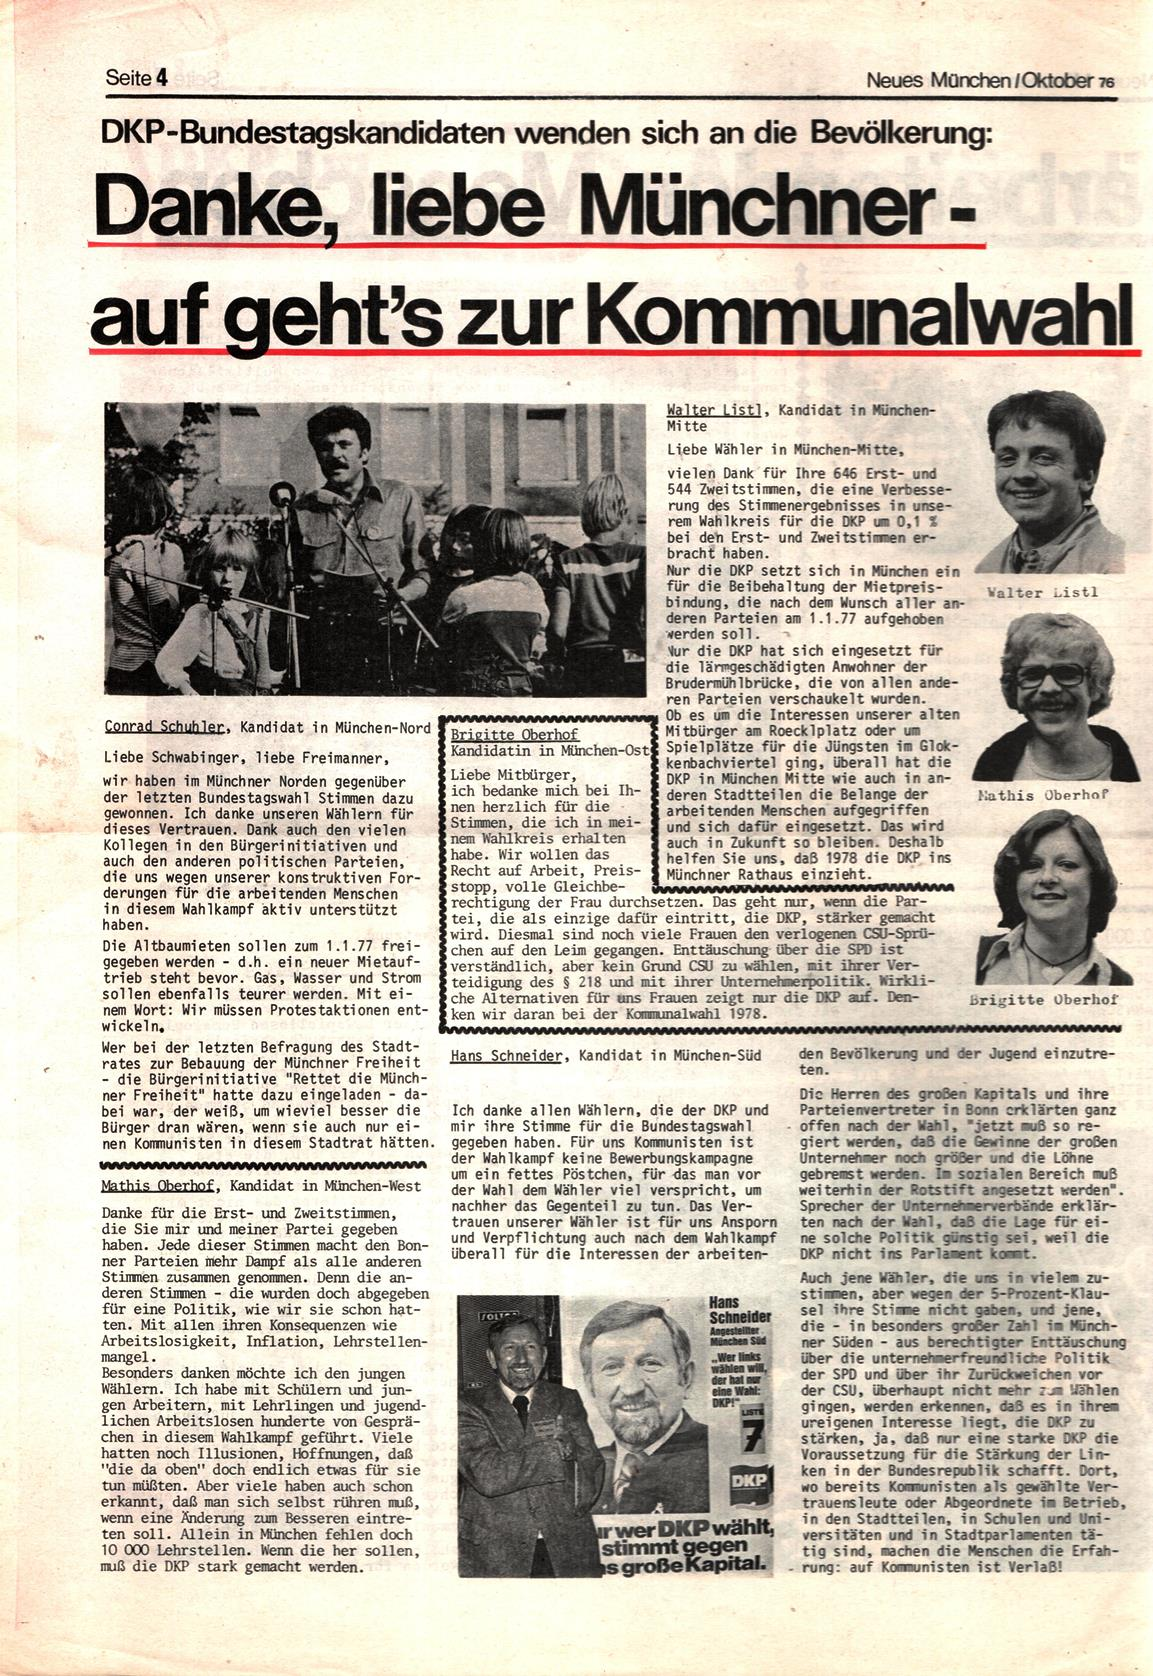 Muenchen_DKP_Neues_Muenchen_19761000_004